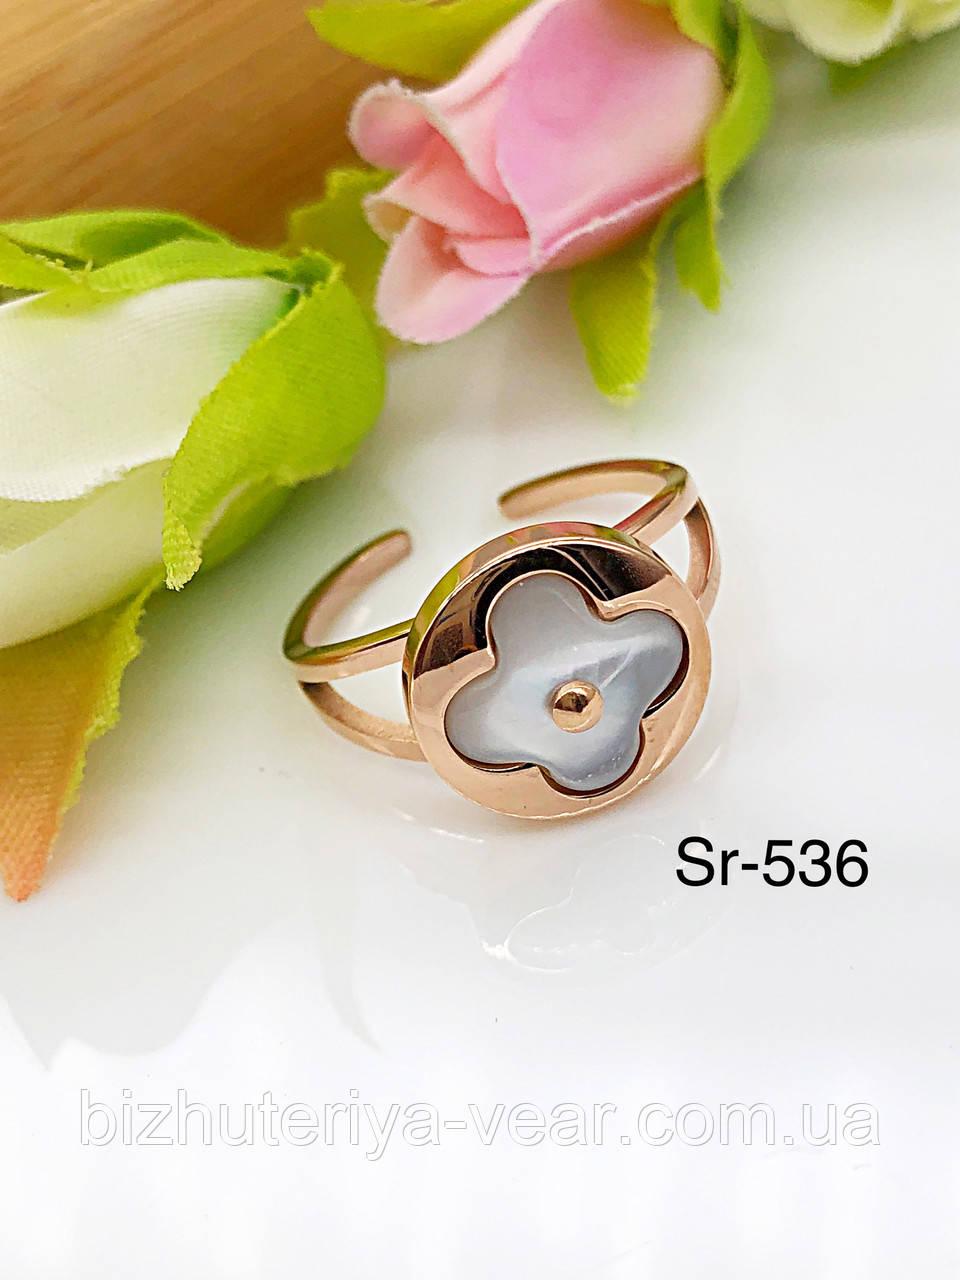 Кольцо Sr-536(6,7,8)